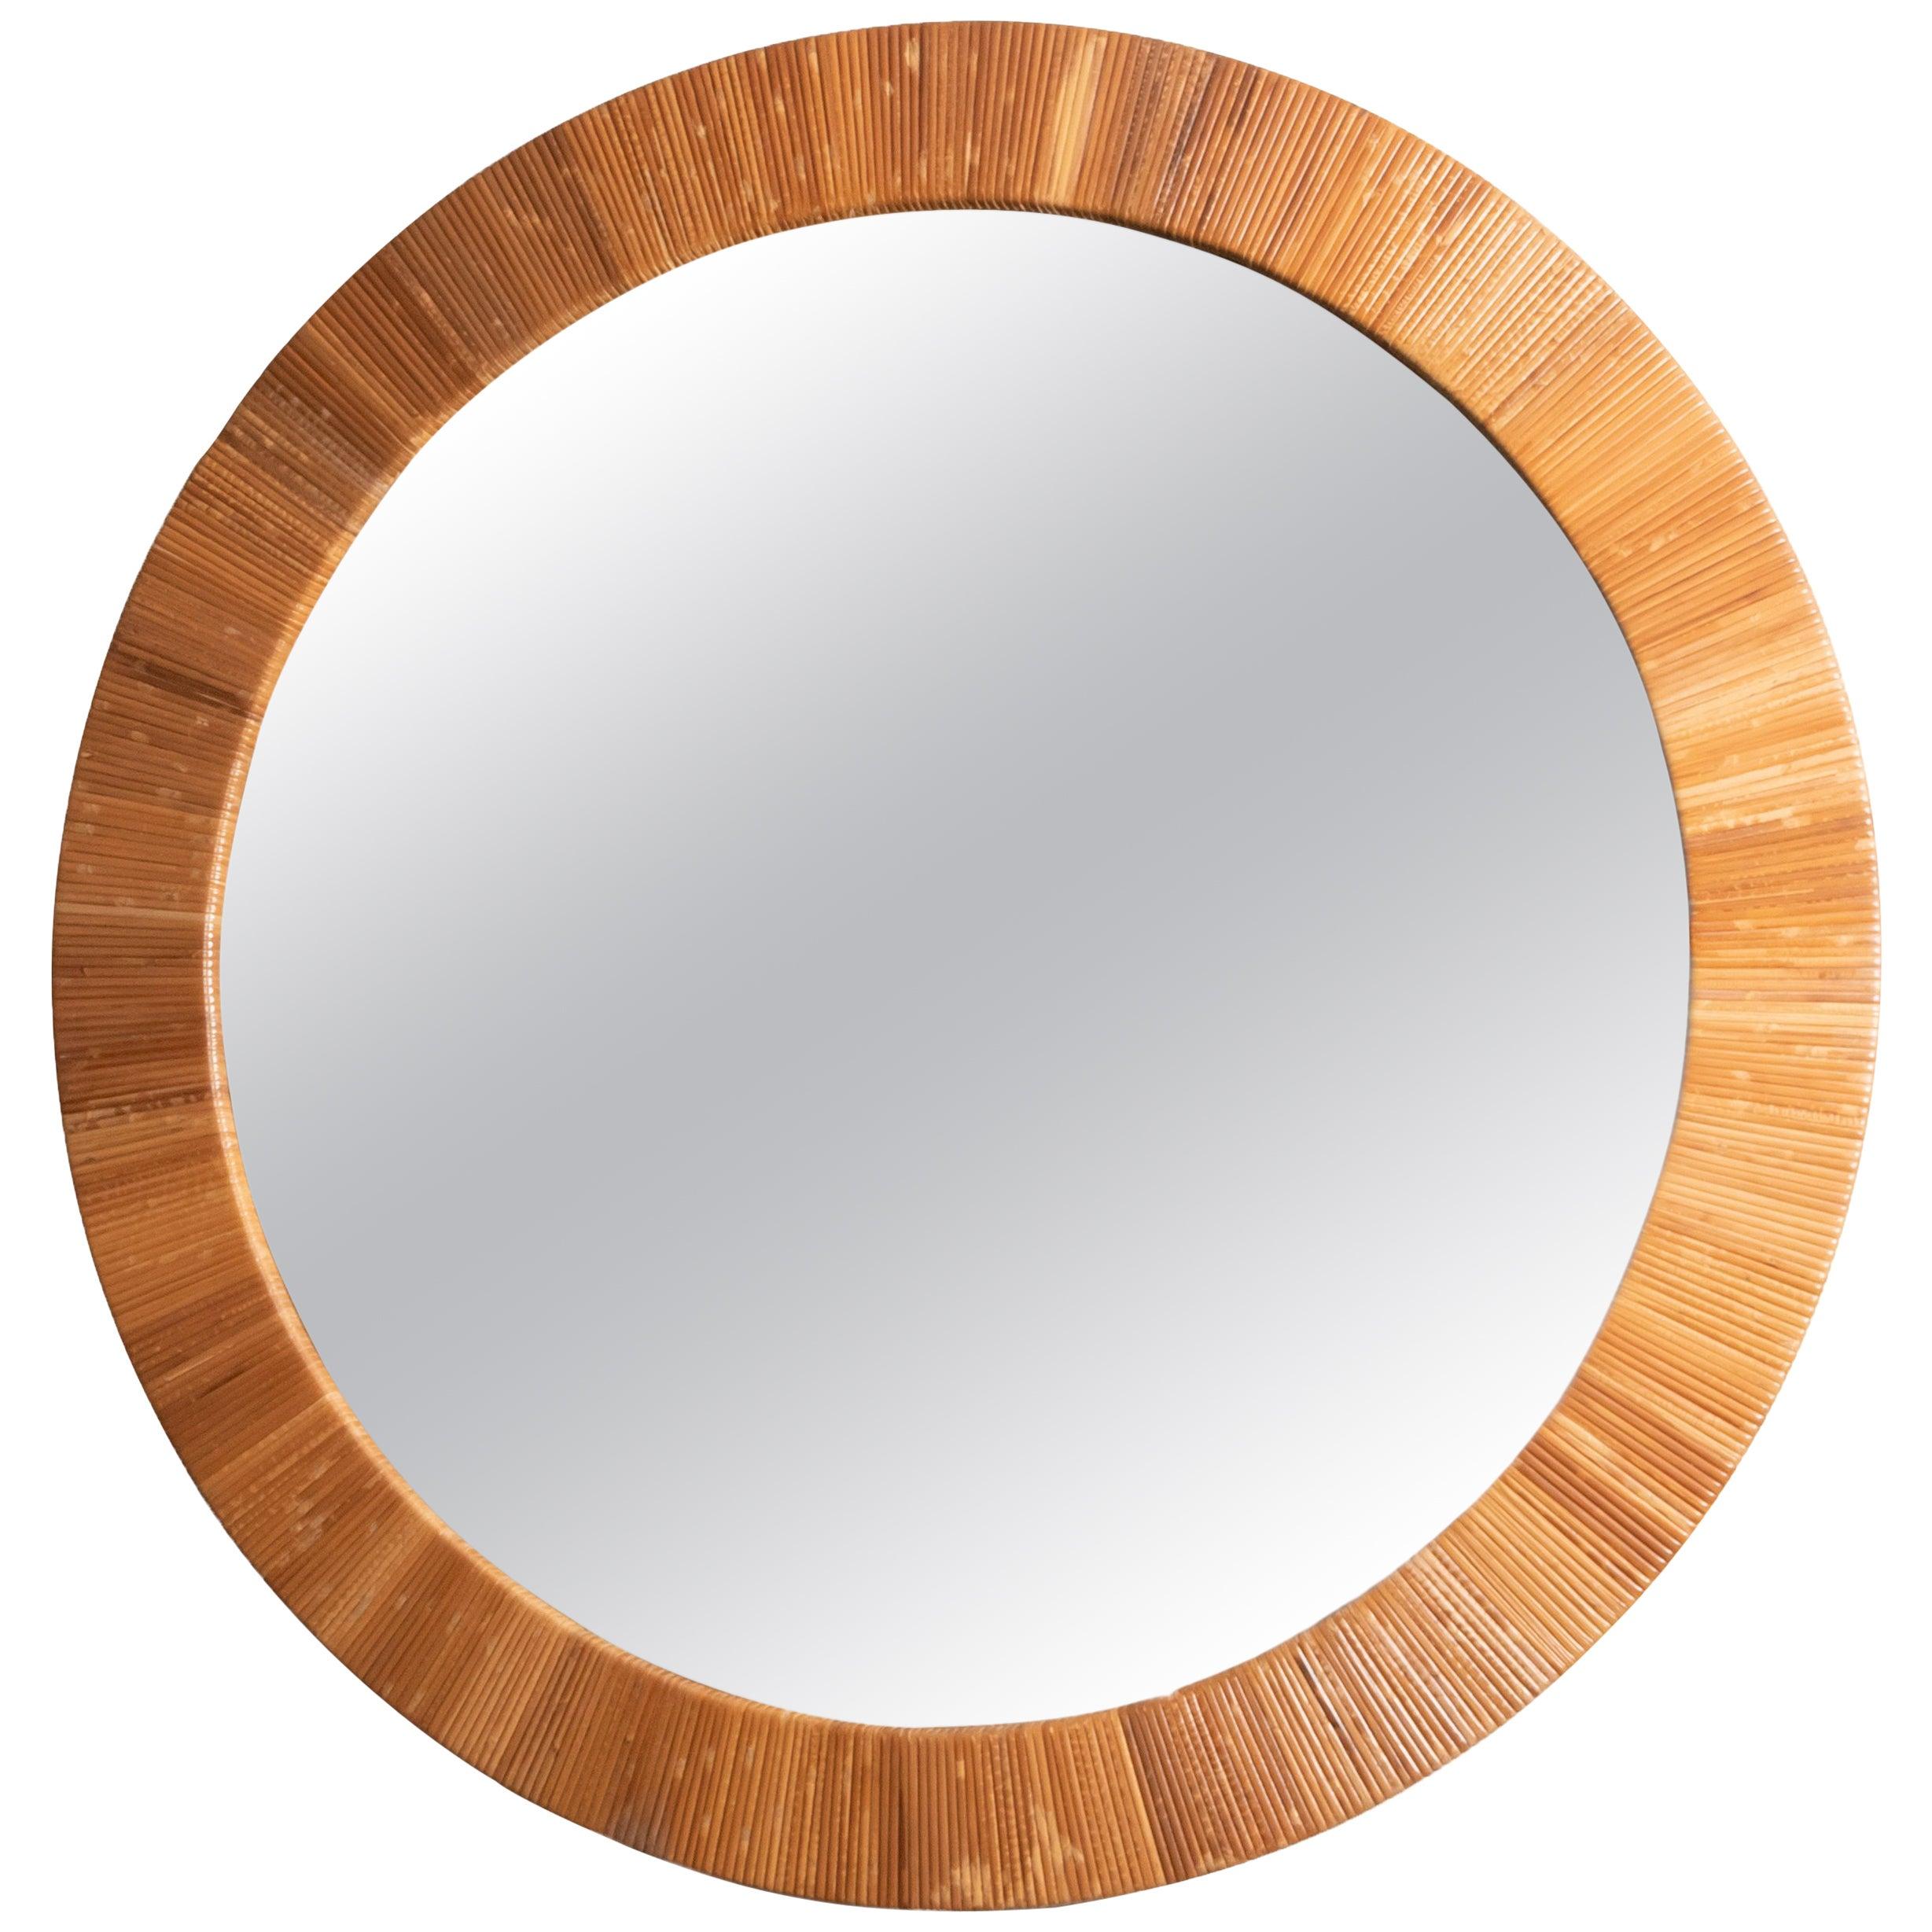 Round Rattan Surround Mirror